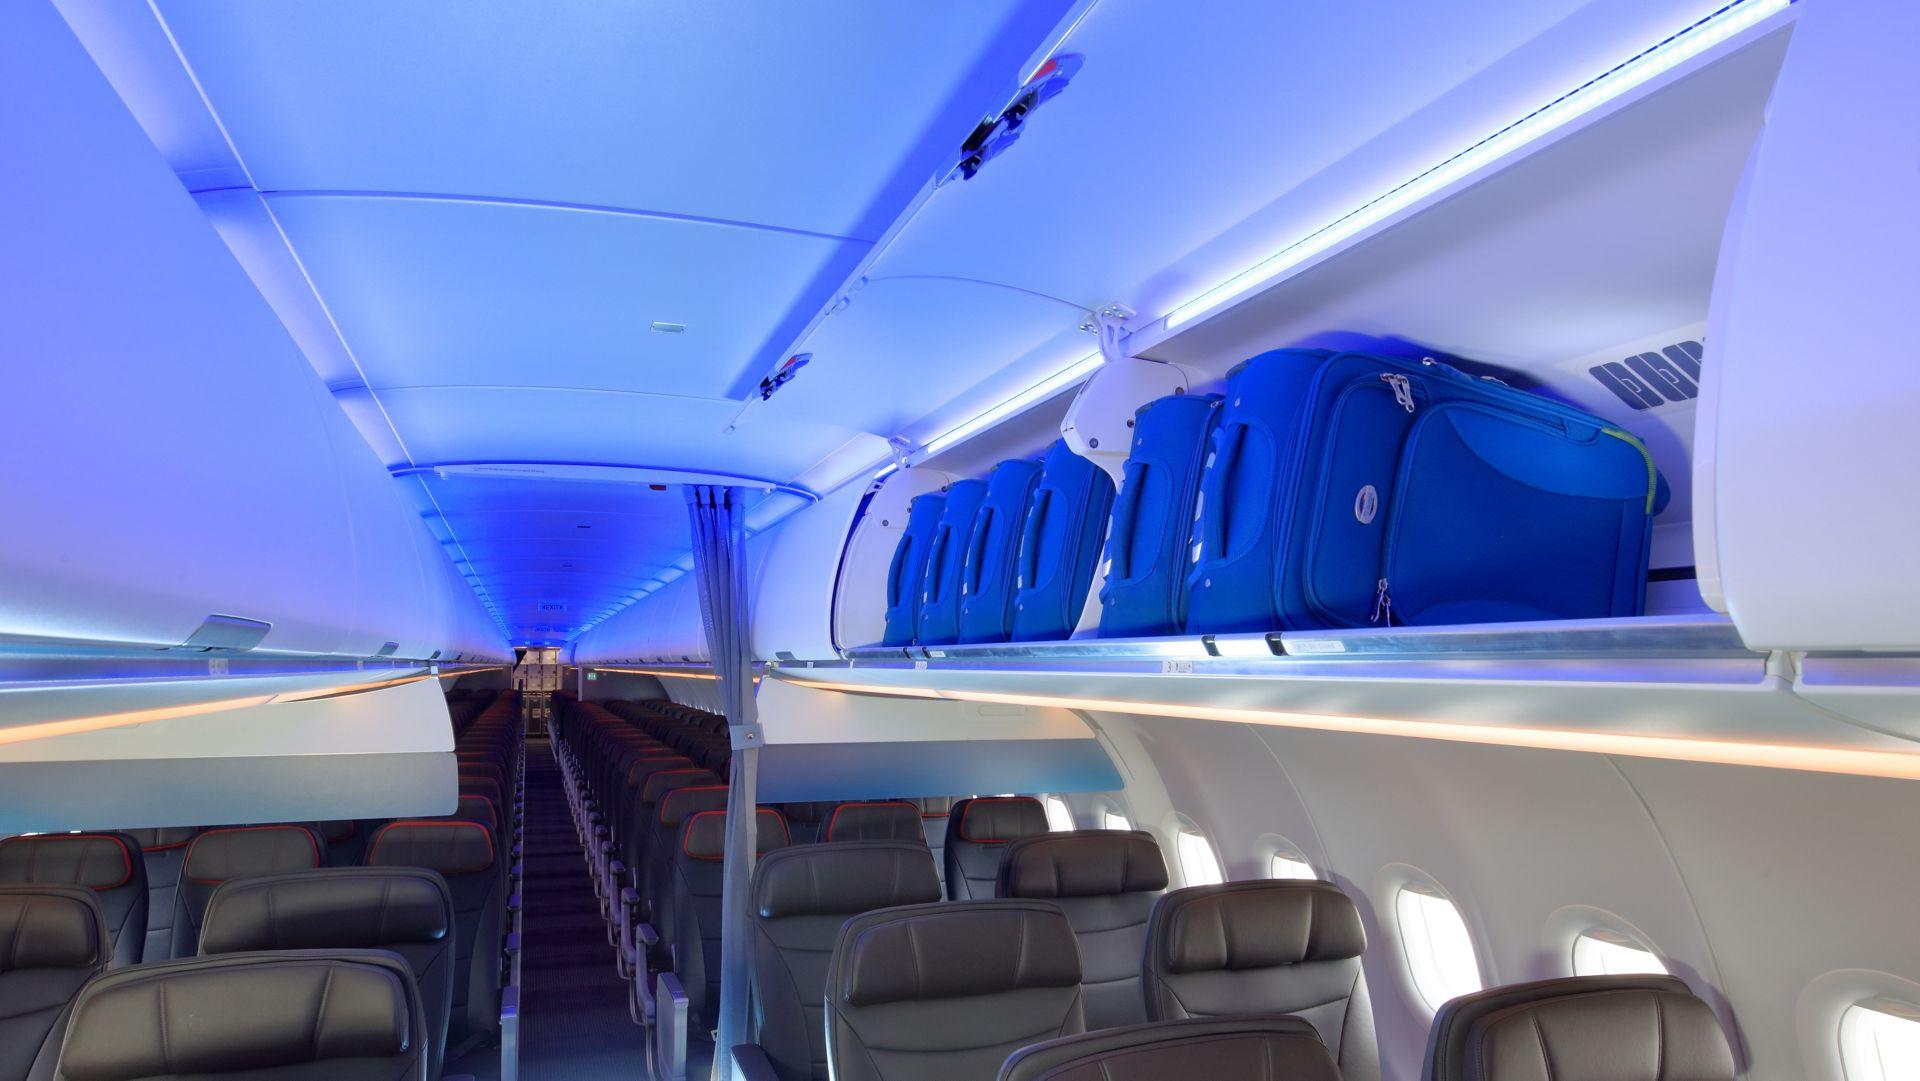 Cabina de un Airbus A321neo de American Airlines.